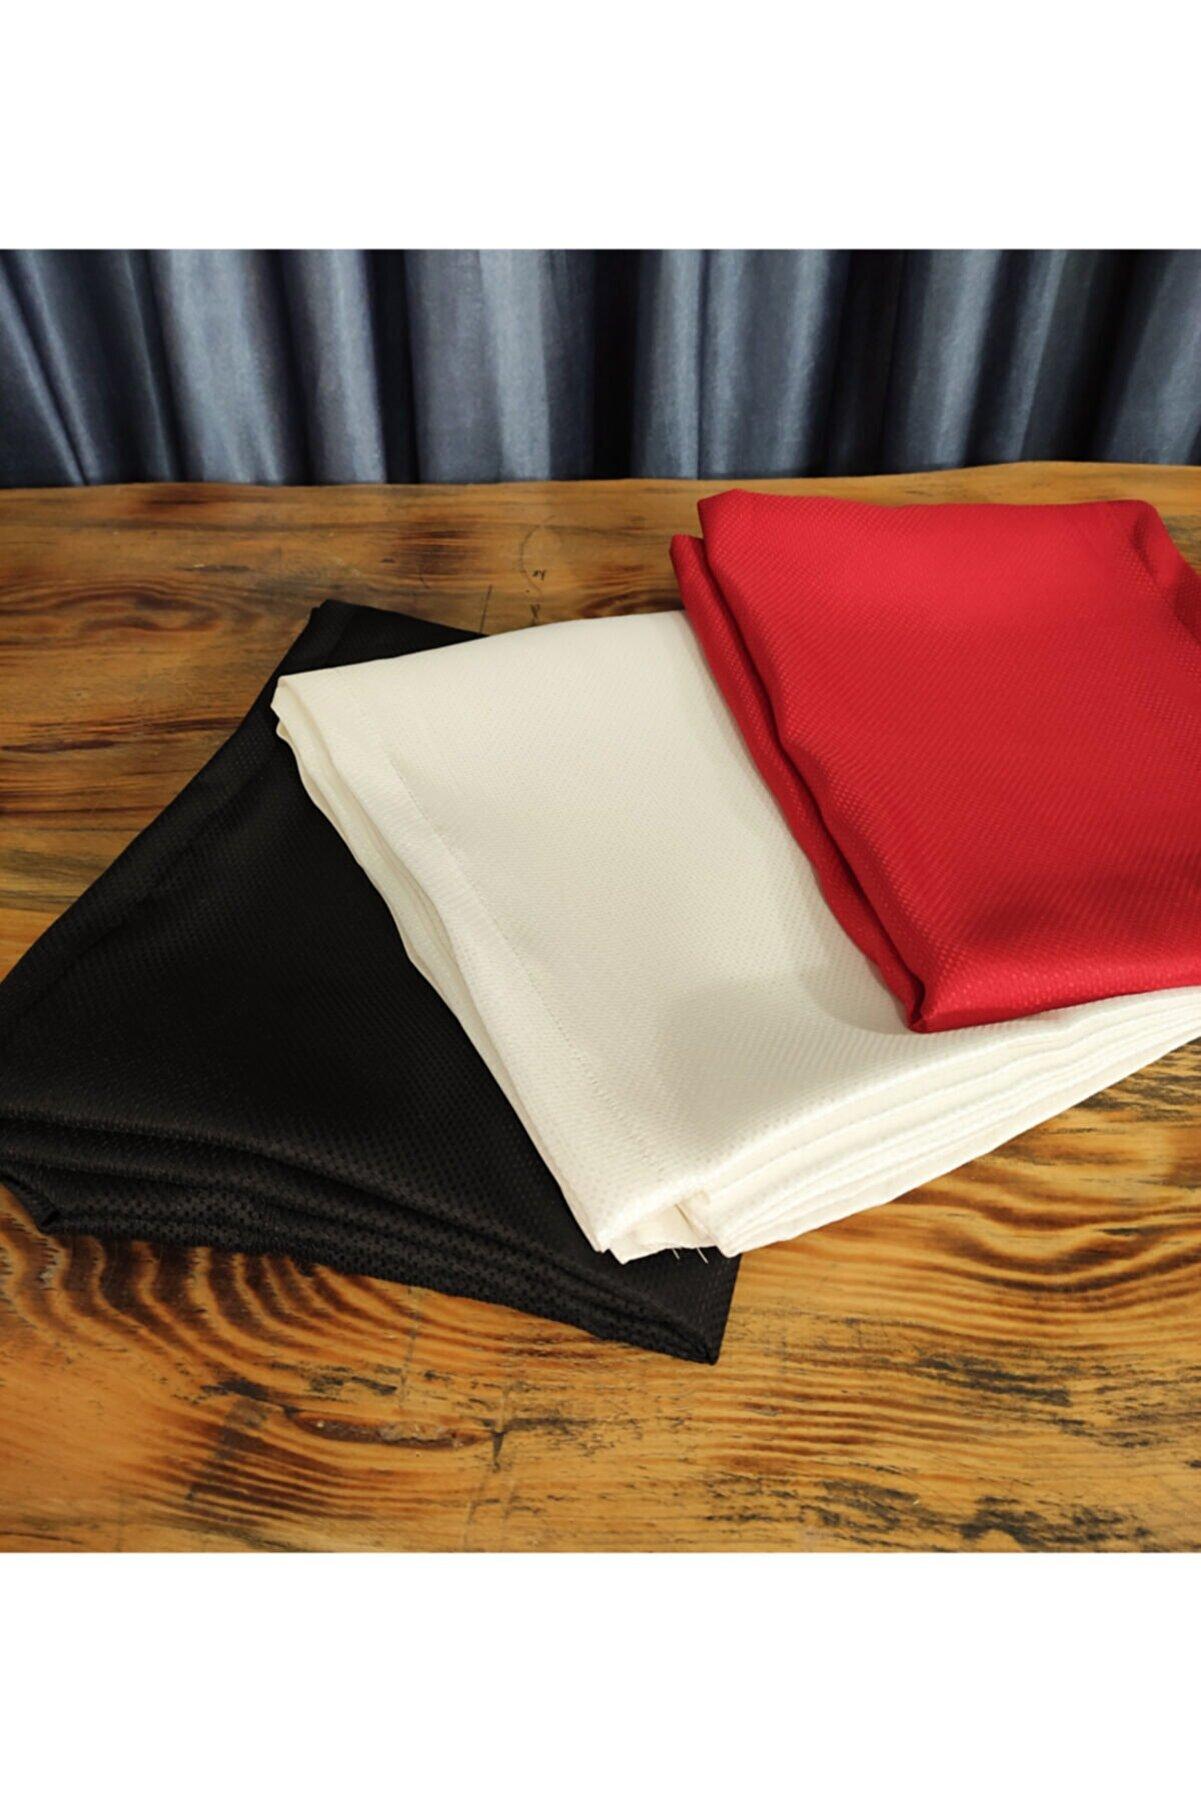 Çt Çeyizci Tekstil Ekru Leke Tutmaz Kumaş Masa Örtüsü 160x220cm